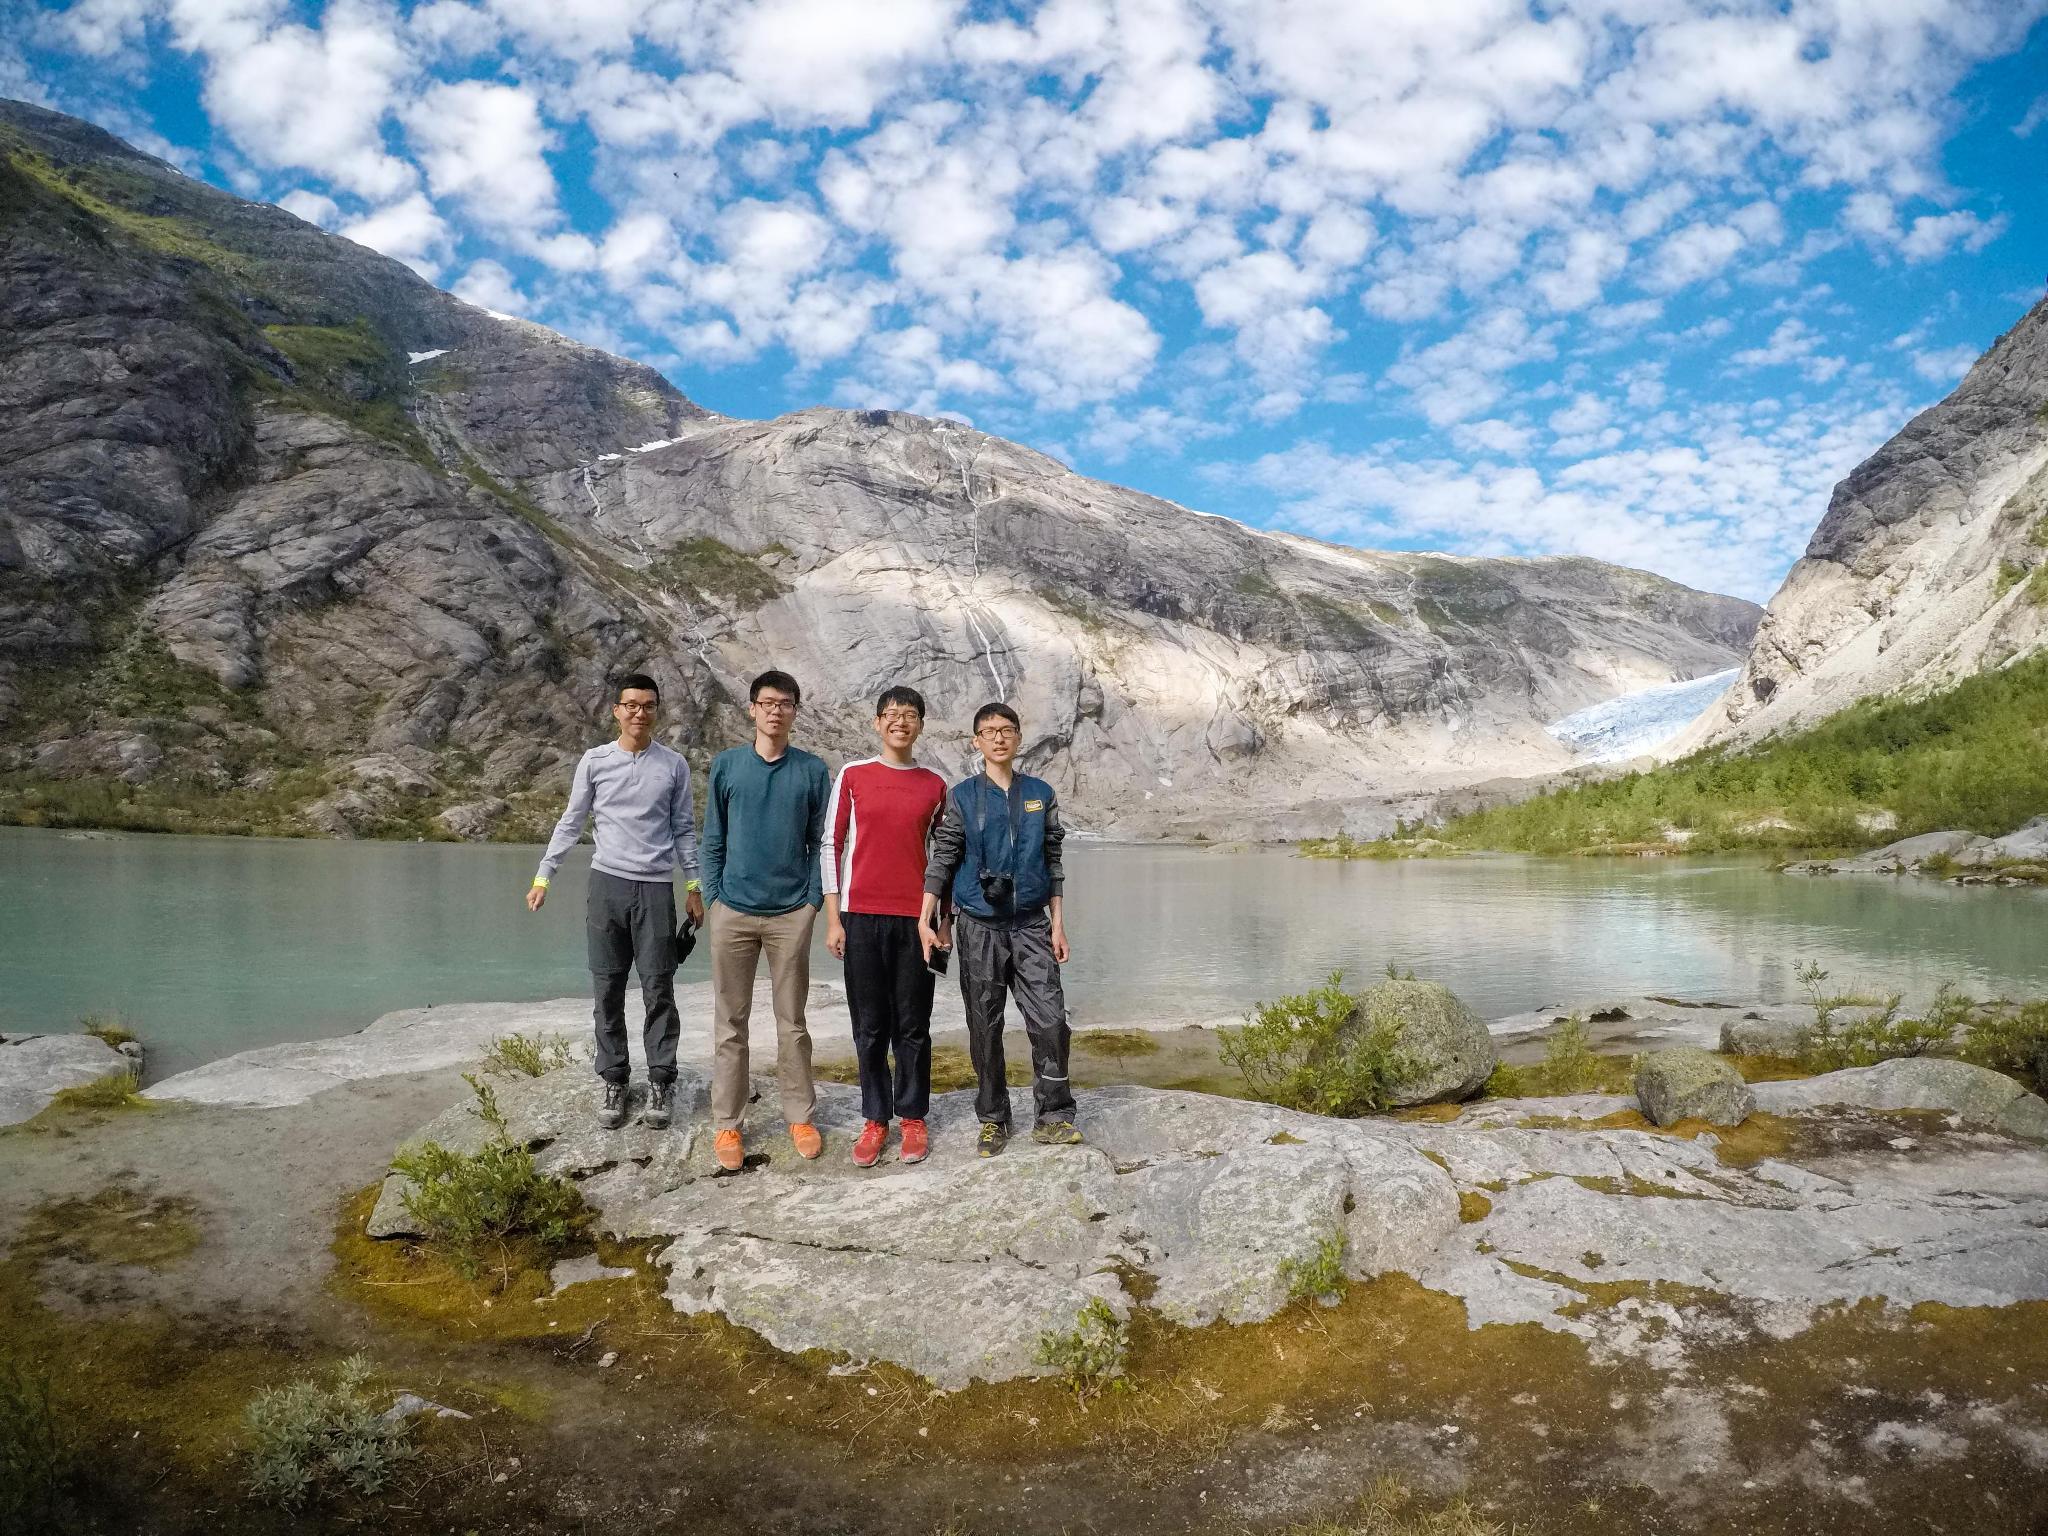 【北歐露營】挪威冰河健行露營地 - Nigardsbreen Camping 10